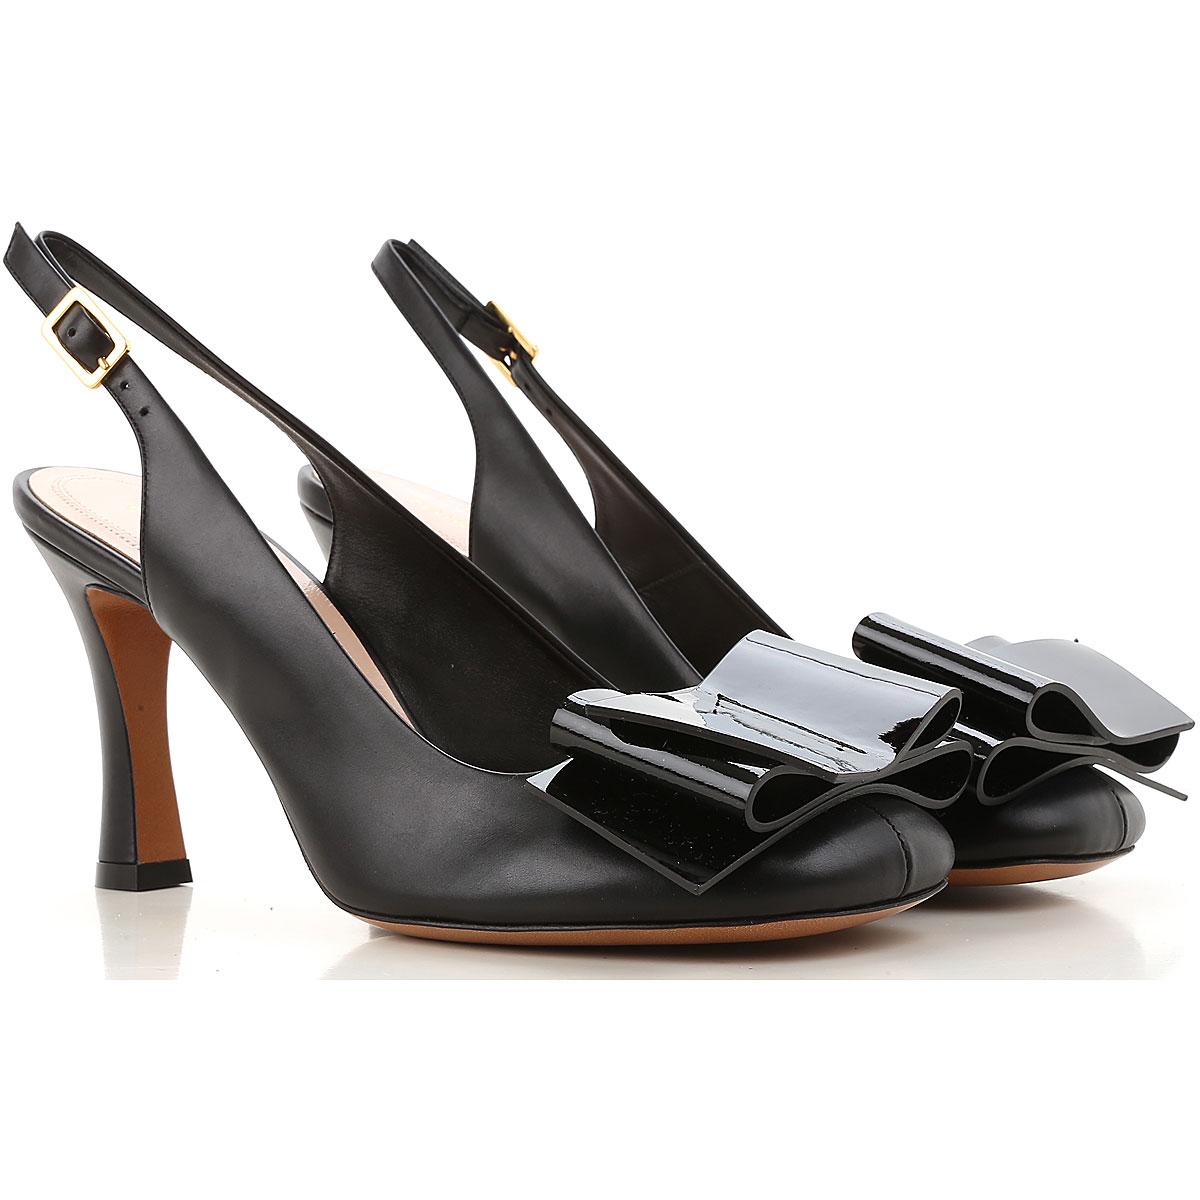 Image of Celine Pumps & High Heels for Women, Black, Leather, 2017, 5 5.5 6 6.5 7 8 8.5 9